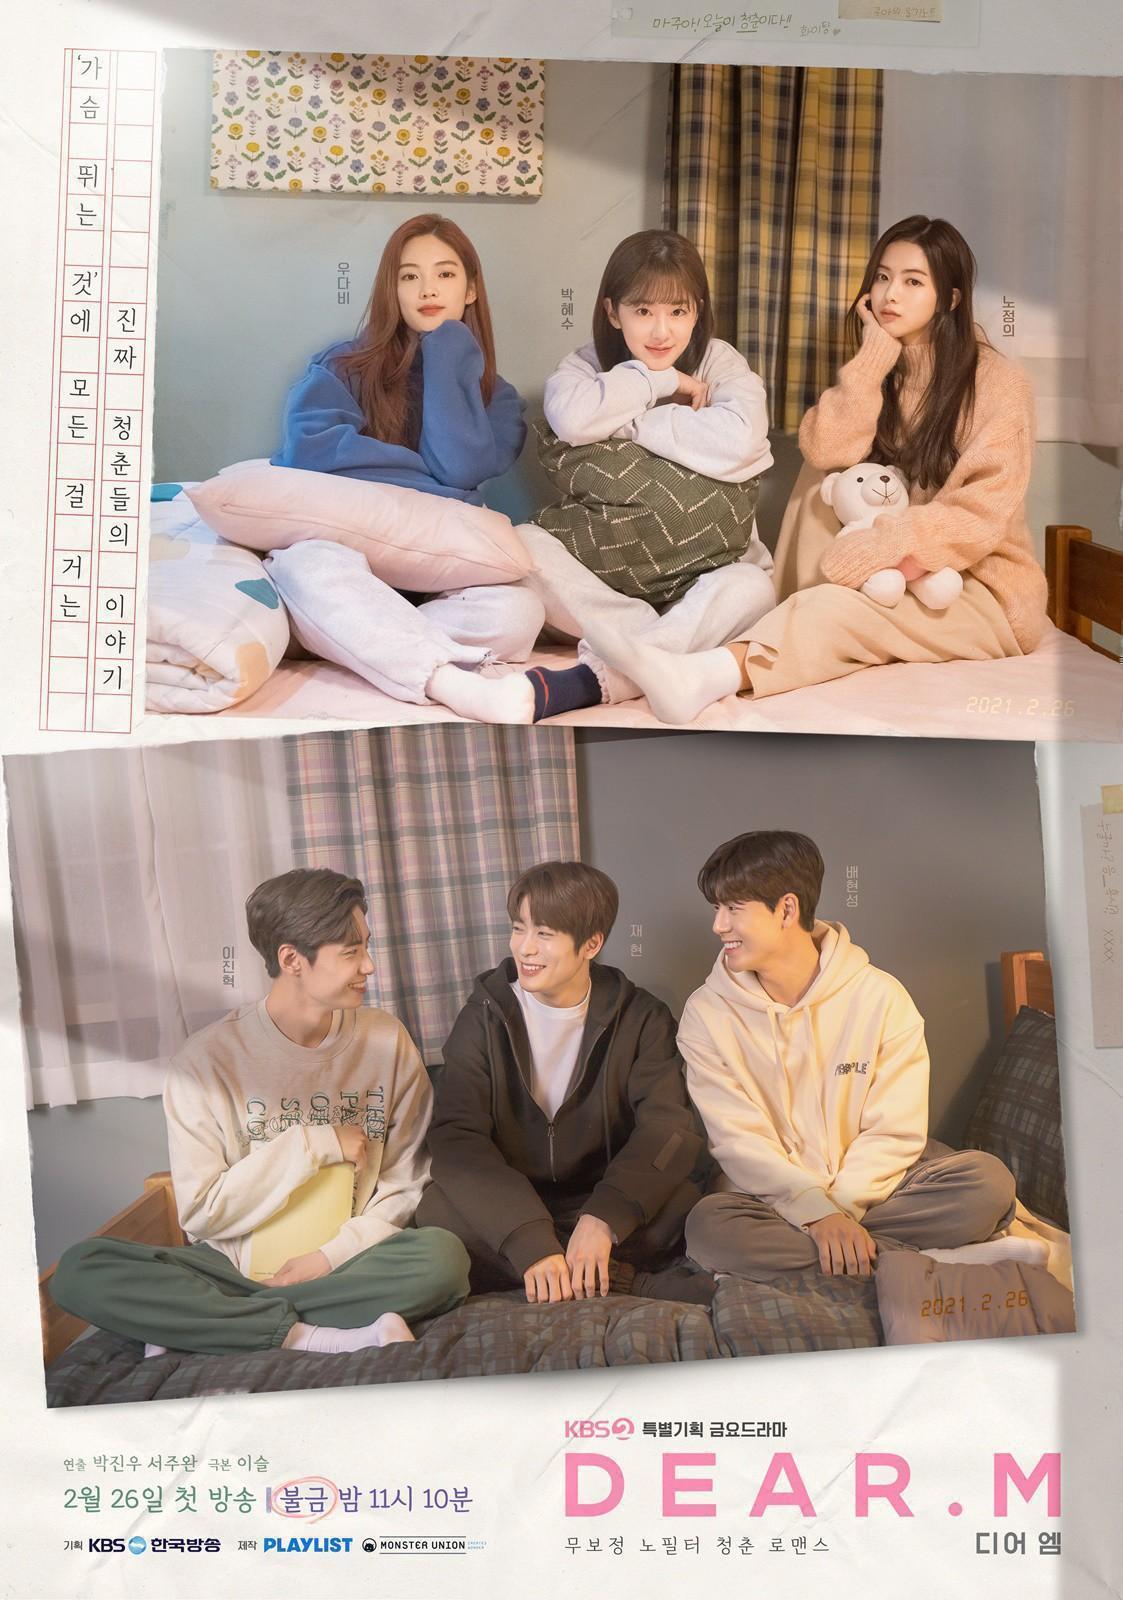 朴慧秀(上中)主演新劇《Dear.M》即將開播,該劇也是「NCT」在玹(下中)首次演出的作品,不少觀眾擔心朴慧秀的負面醜聞會影響該劇播出。(翻攝自KBS)